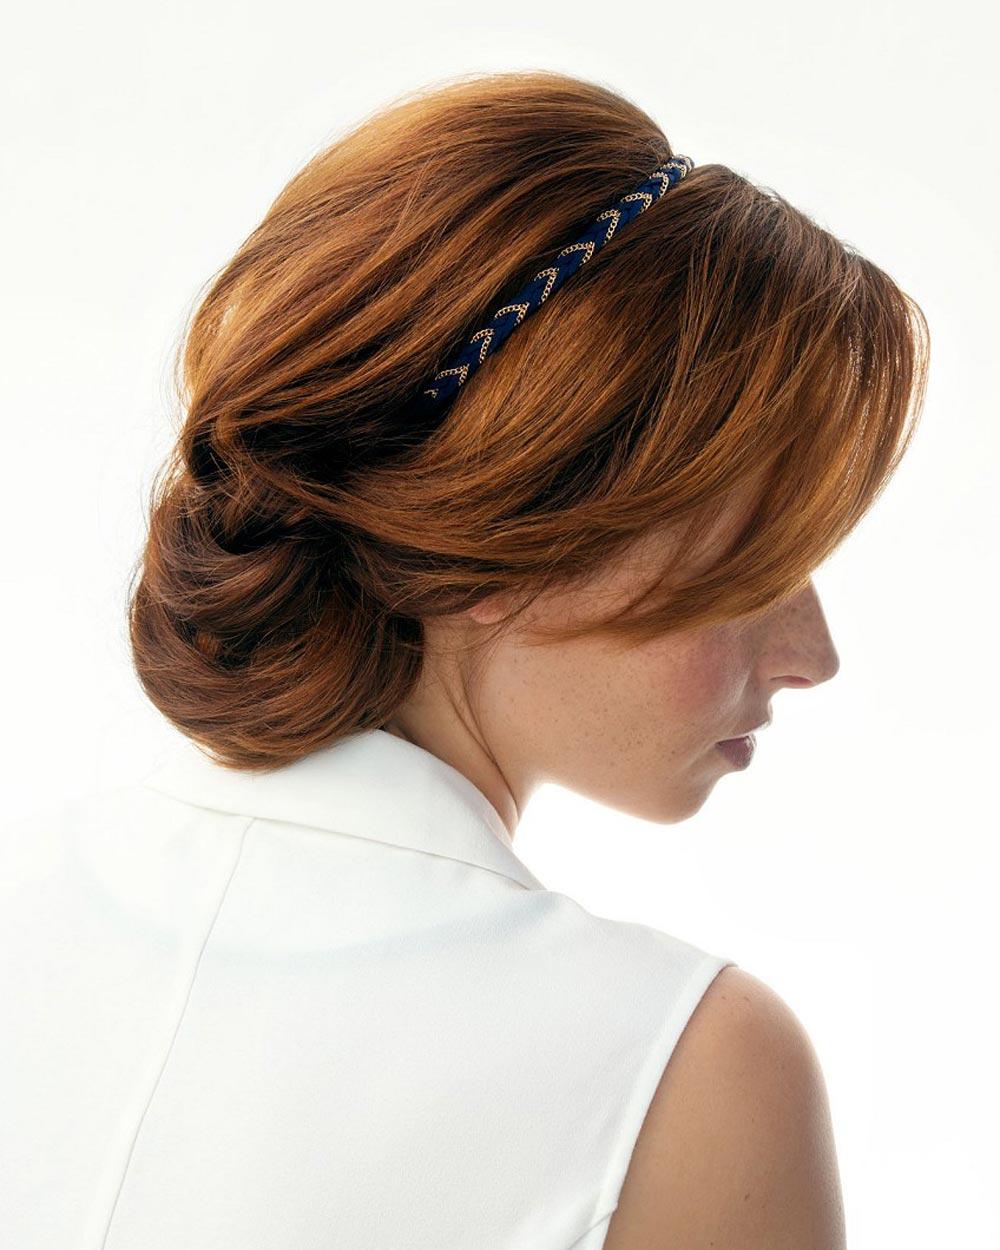 Rýchle účesy pre dlhé vlasy – skúste sviatočný drdol s čelenkou!